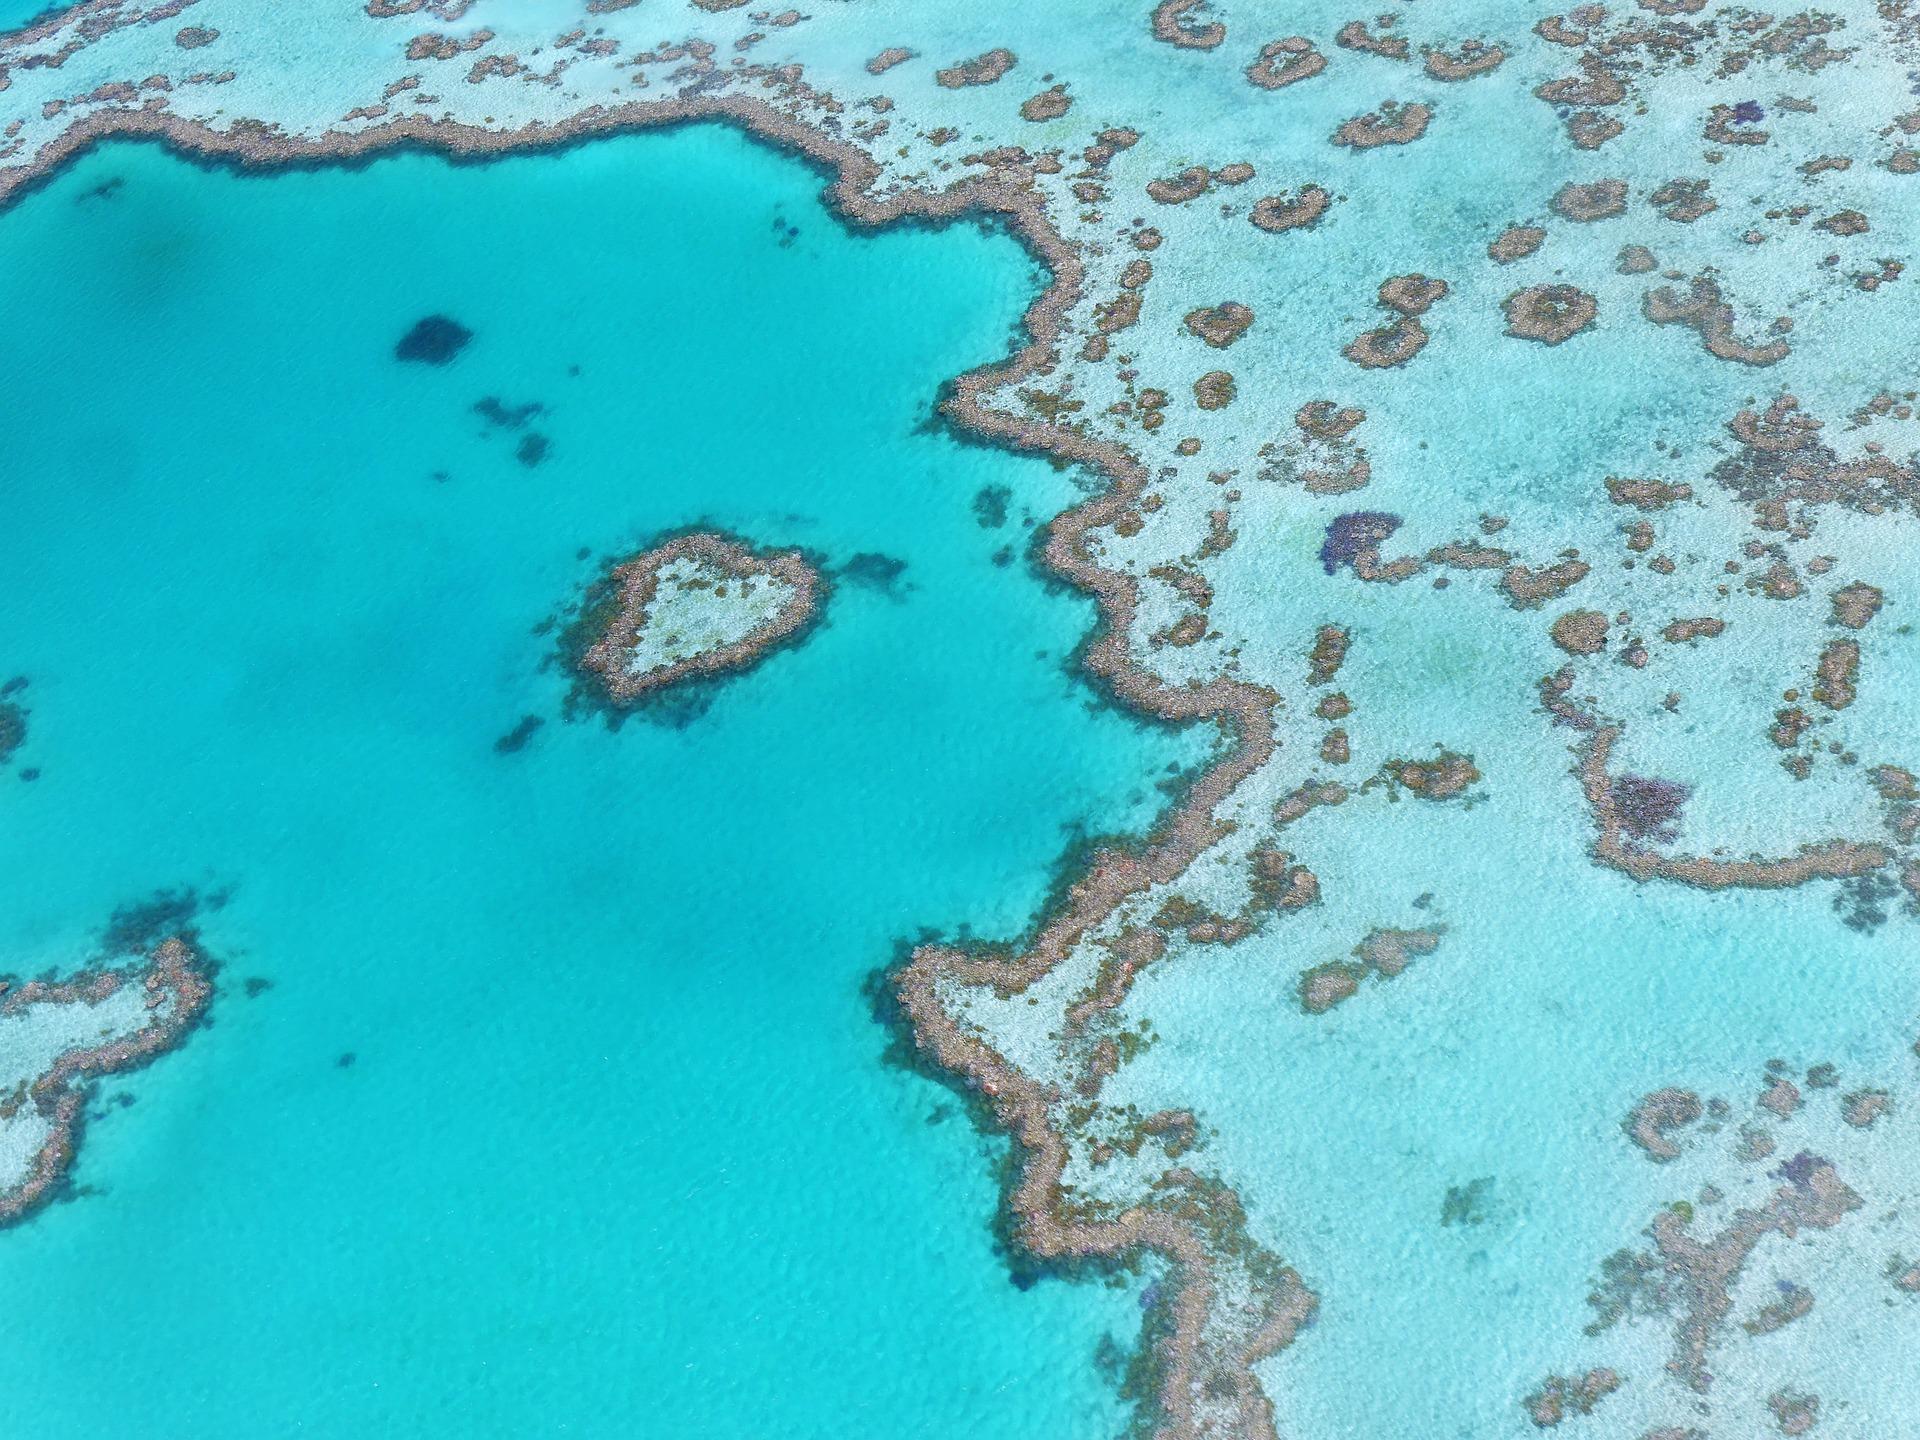 Heart Reef Australia Great Barrier Reef